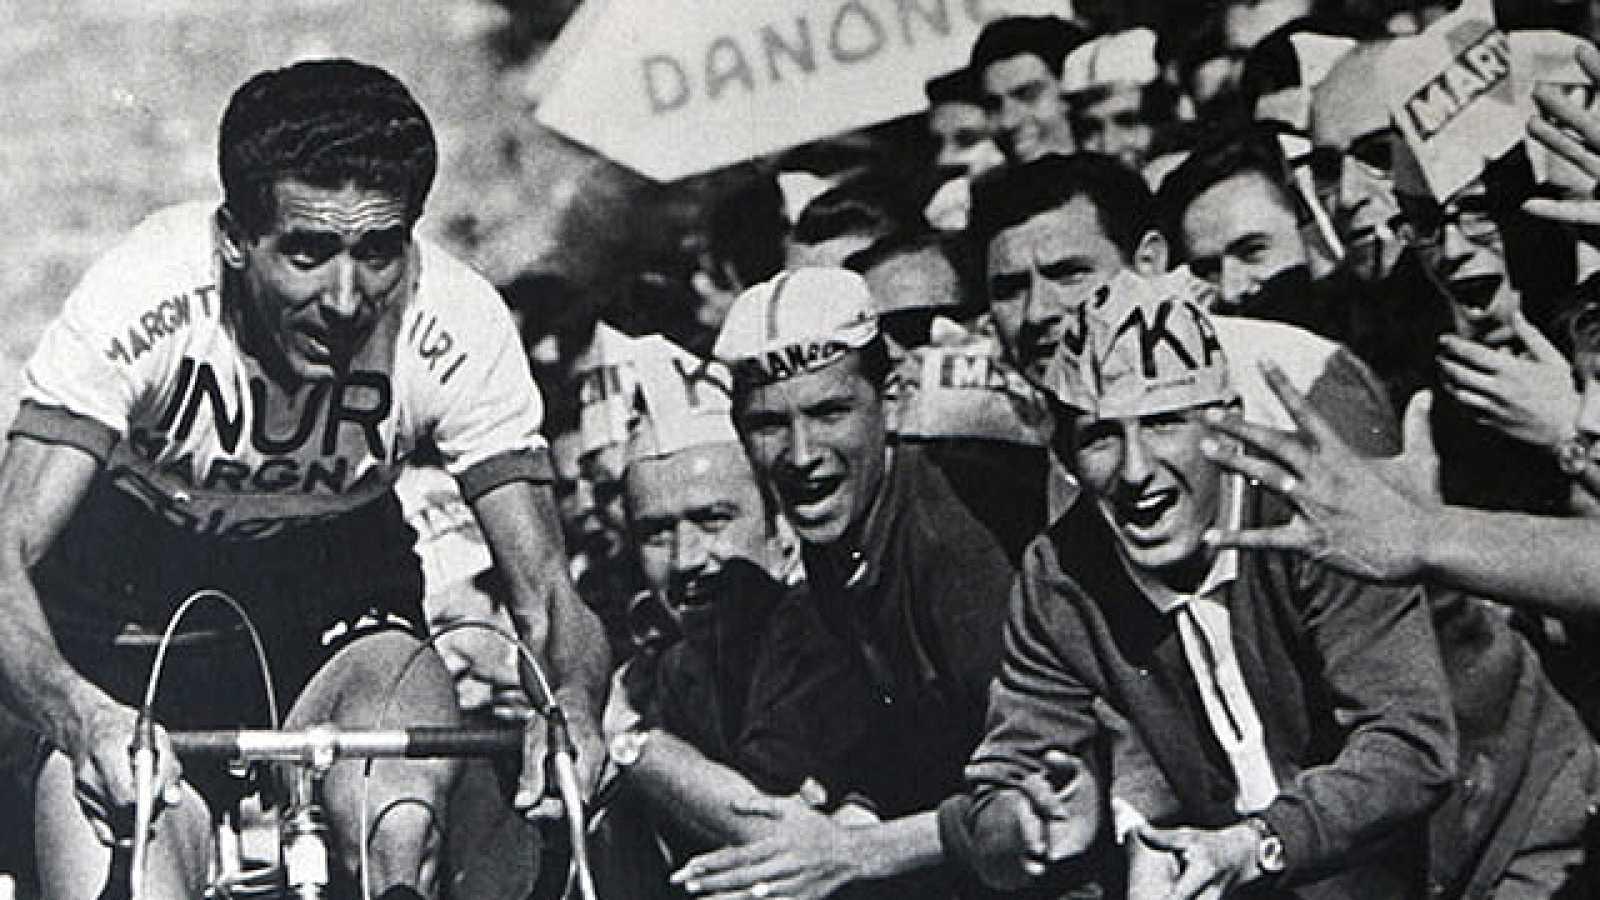 'El águila de Toledo' que encandiló a los aficionados al ciclismo nació en el Val de Santo Domingo en el año 1928. Su padre, que se llamaba Julián Martín, ejerció de peón caminero hasta que decidió por su cuenta y riesgo trasladarse a la ciudad de To